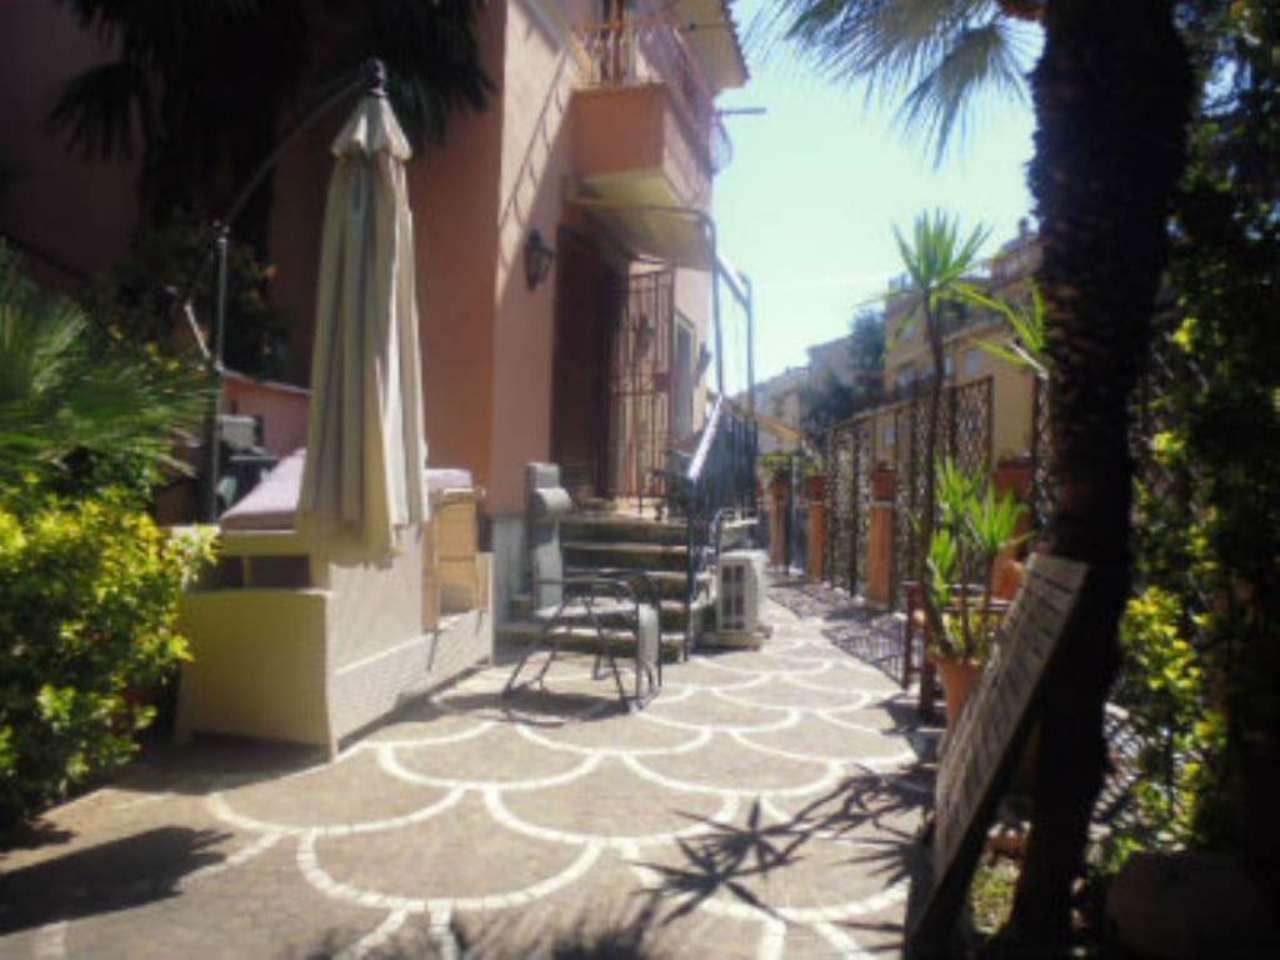 Appartamento in Vendita a Roma 18 Aventino / San Saba: 5 locali, 200 mq